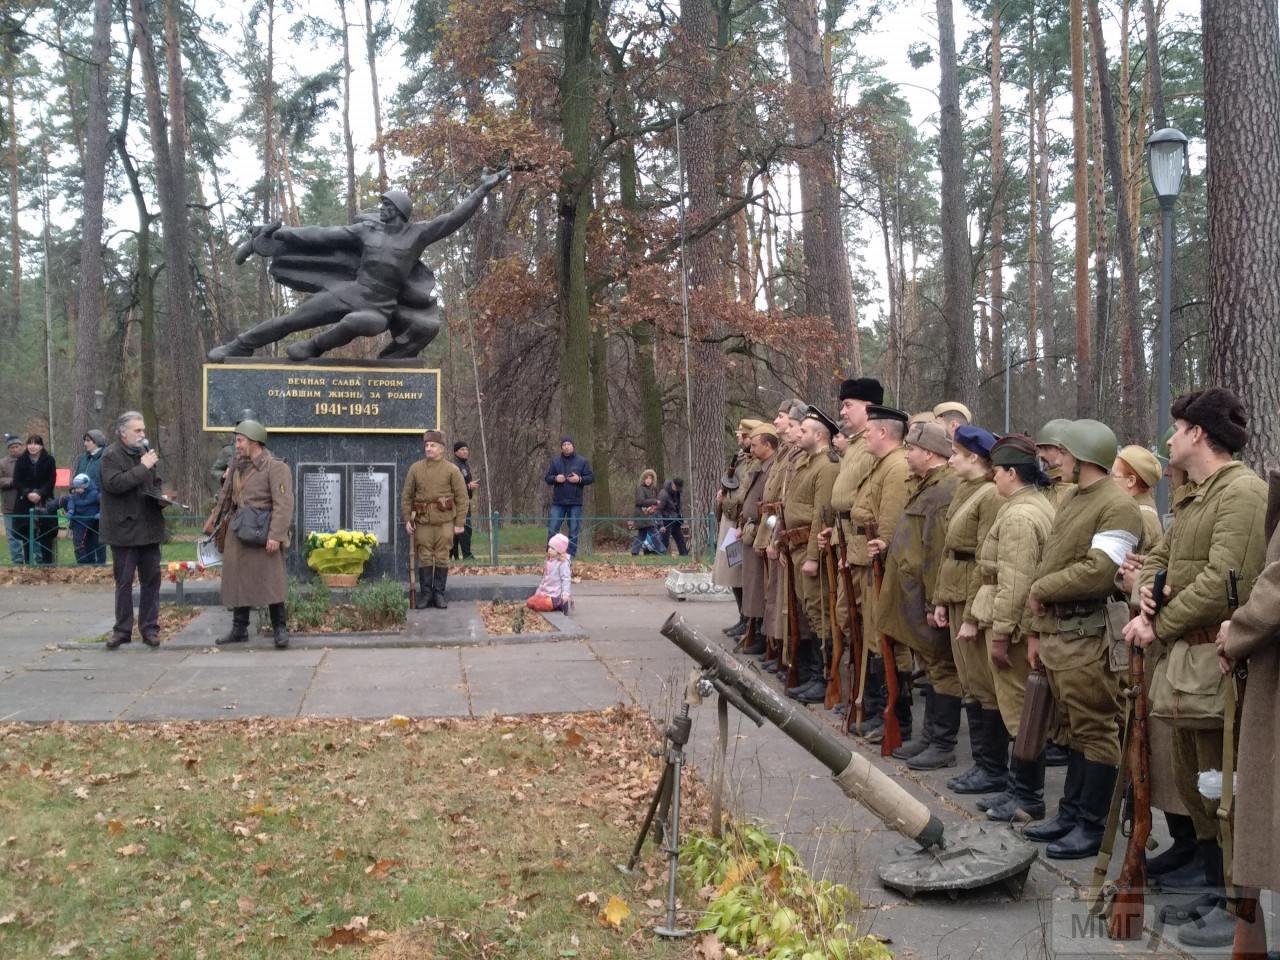 """79872 - 11 міжнародний військово - історичний фестиваль """"Даєш Ворзель"""" 1943-2019."""